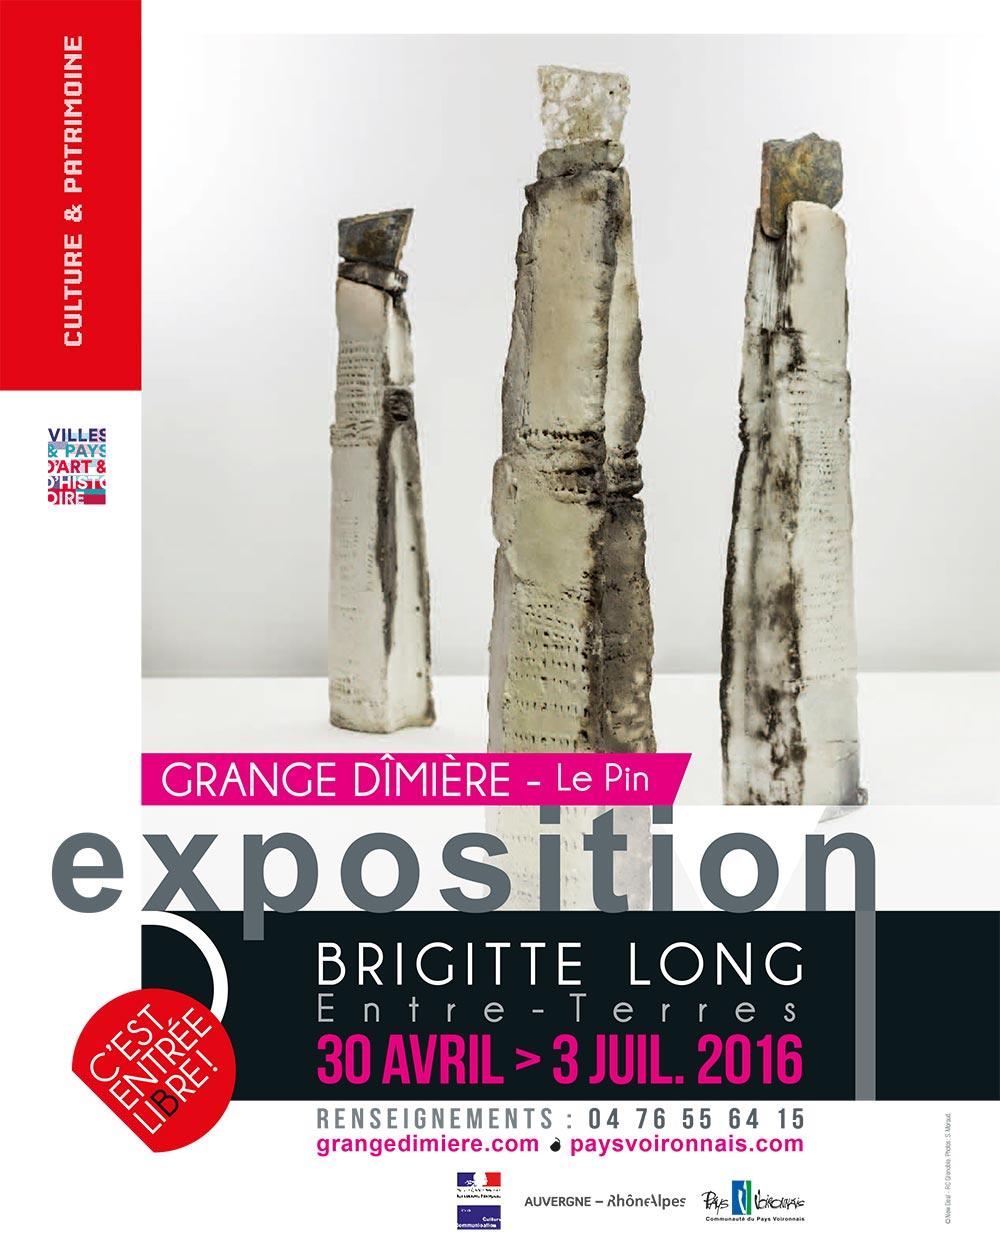 expo-brigitte-long-dimiere